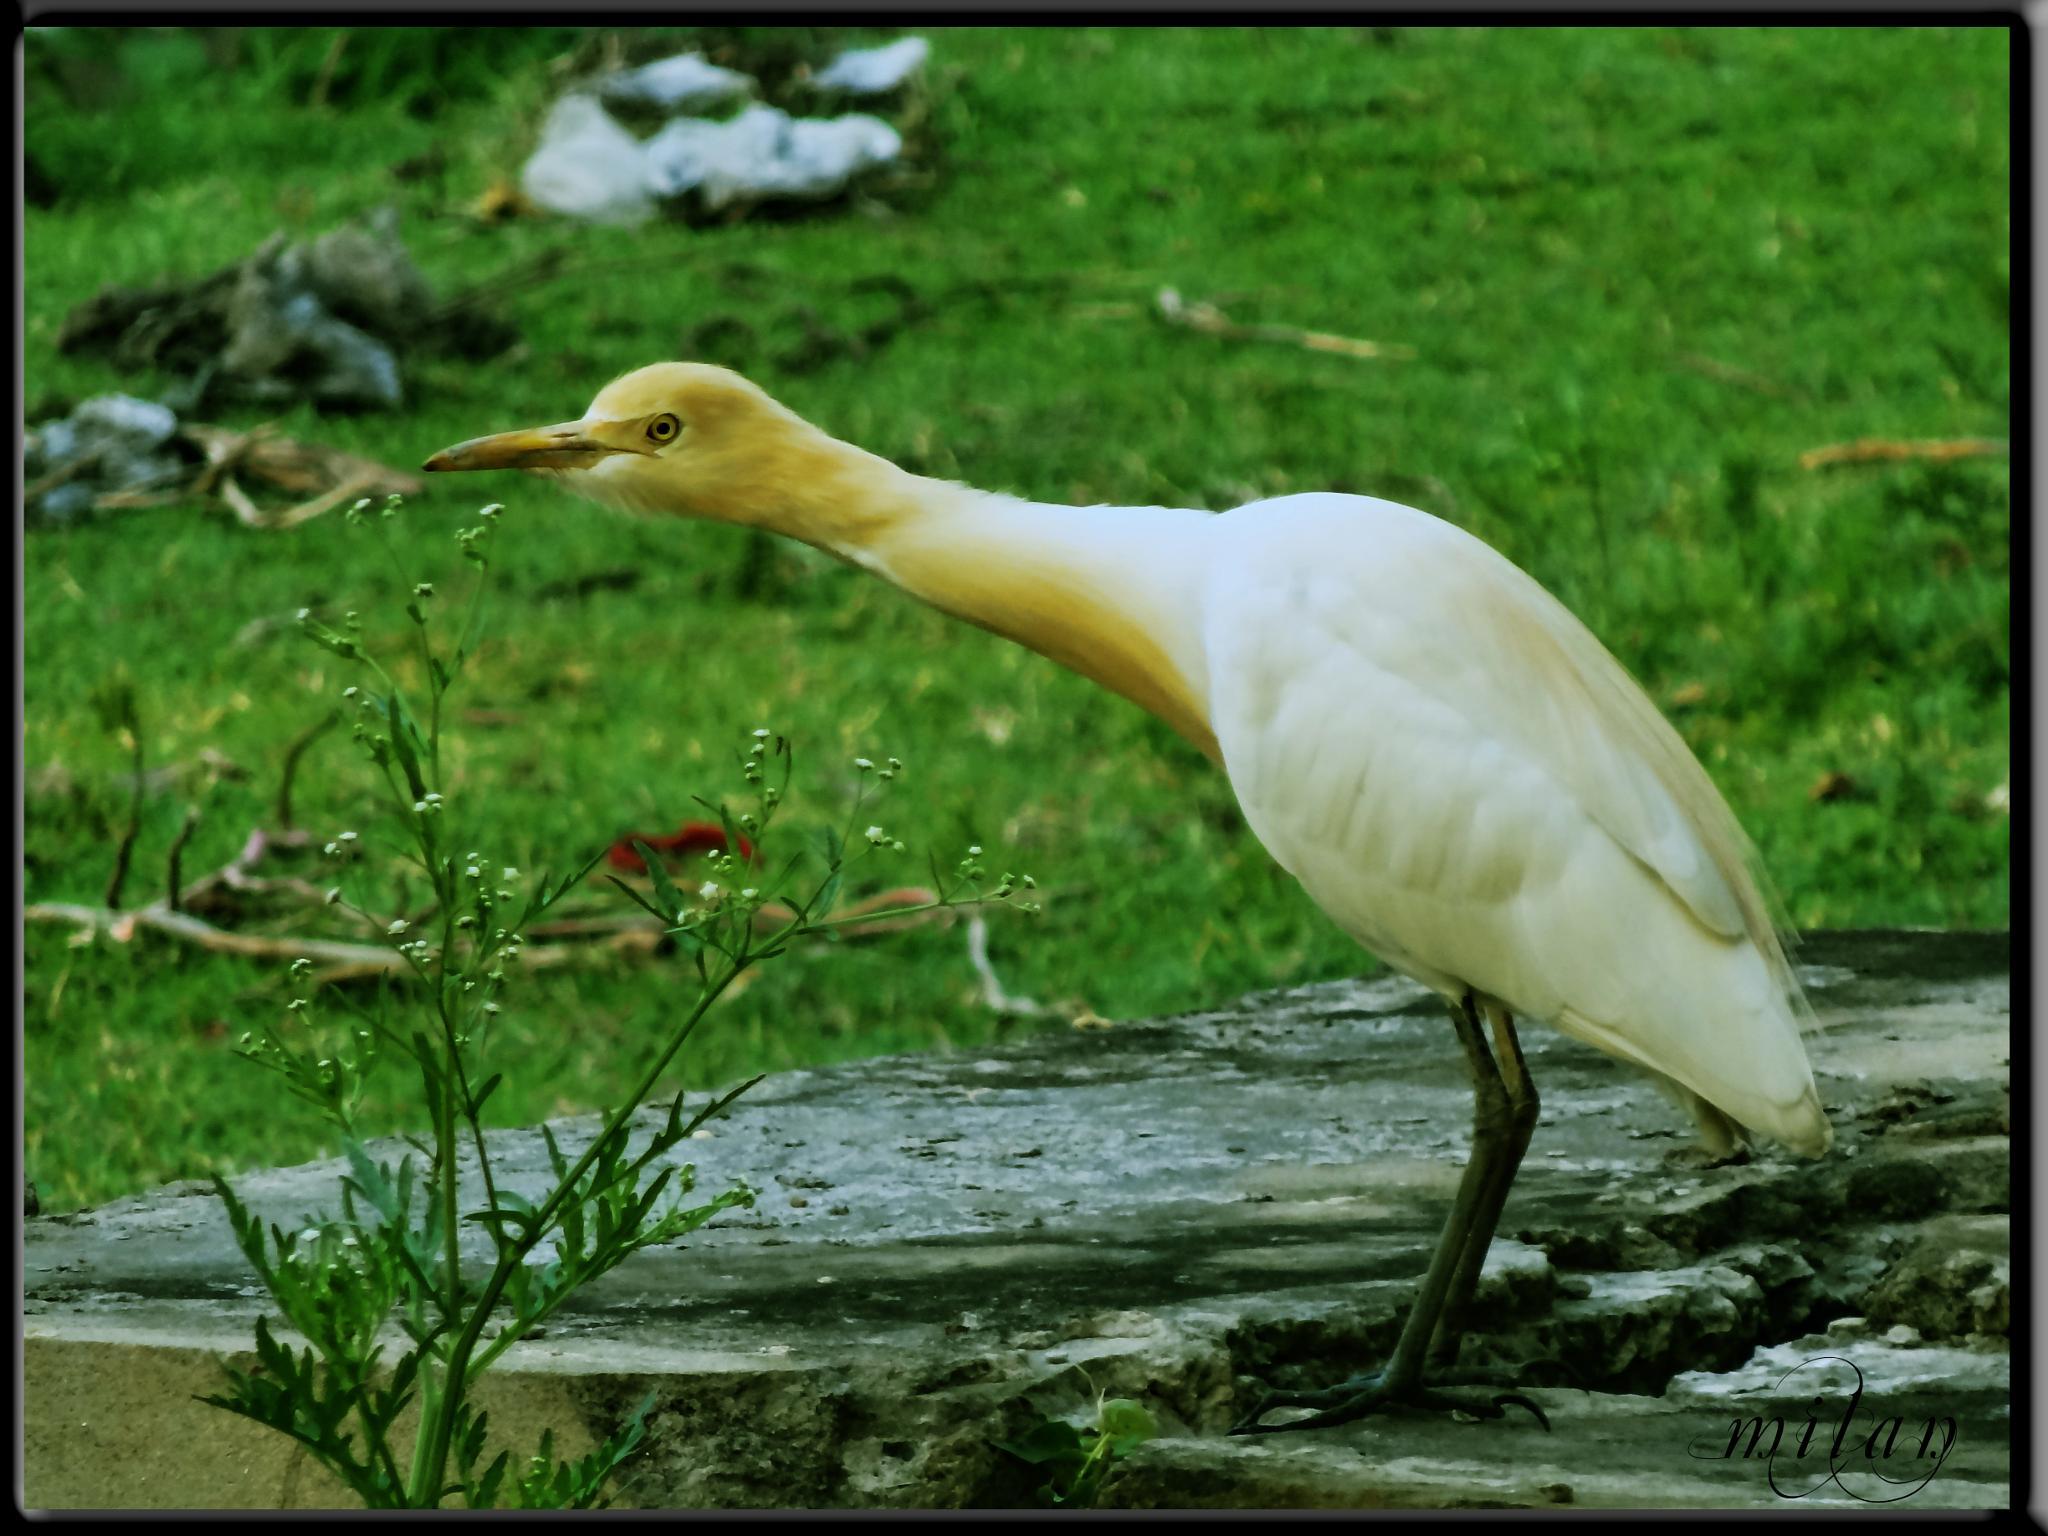 Indian Stork by milan kr das